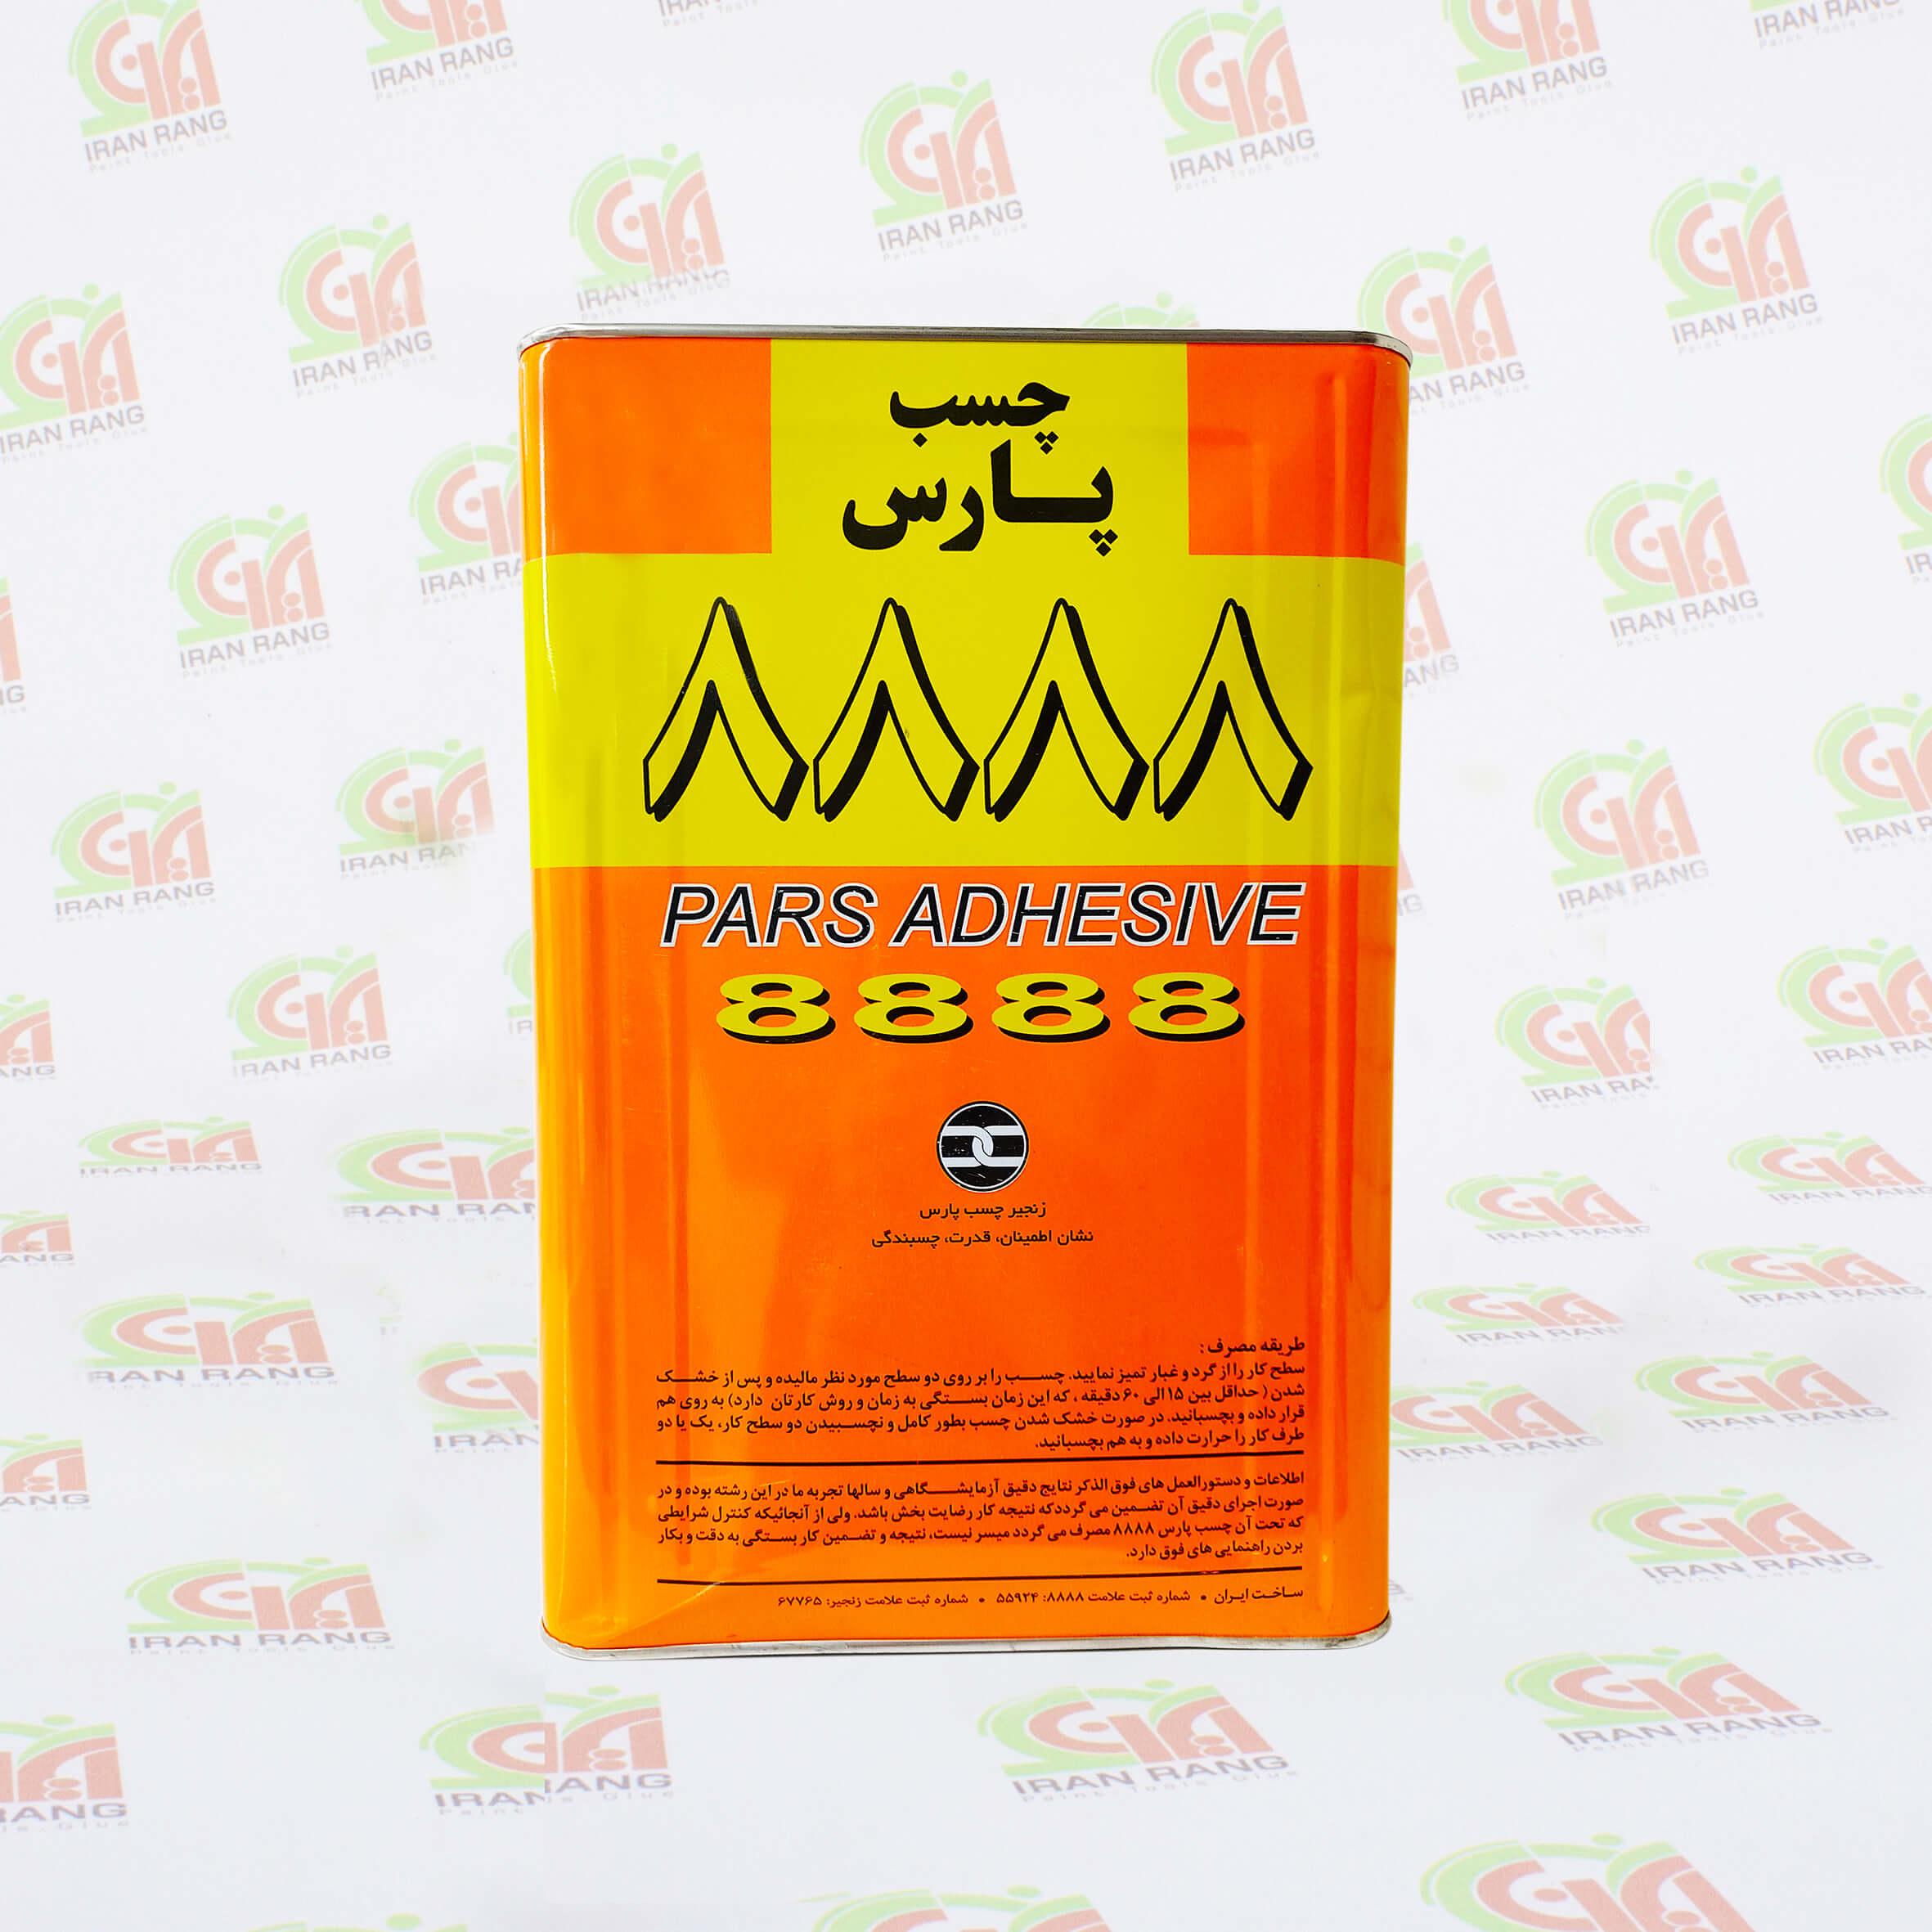 چسب فوری پارس ۸۸۸۸ حلب 13 کیلویی